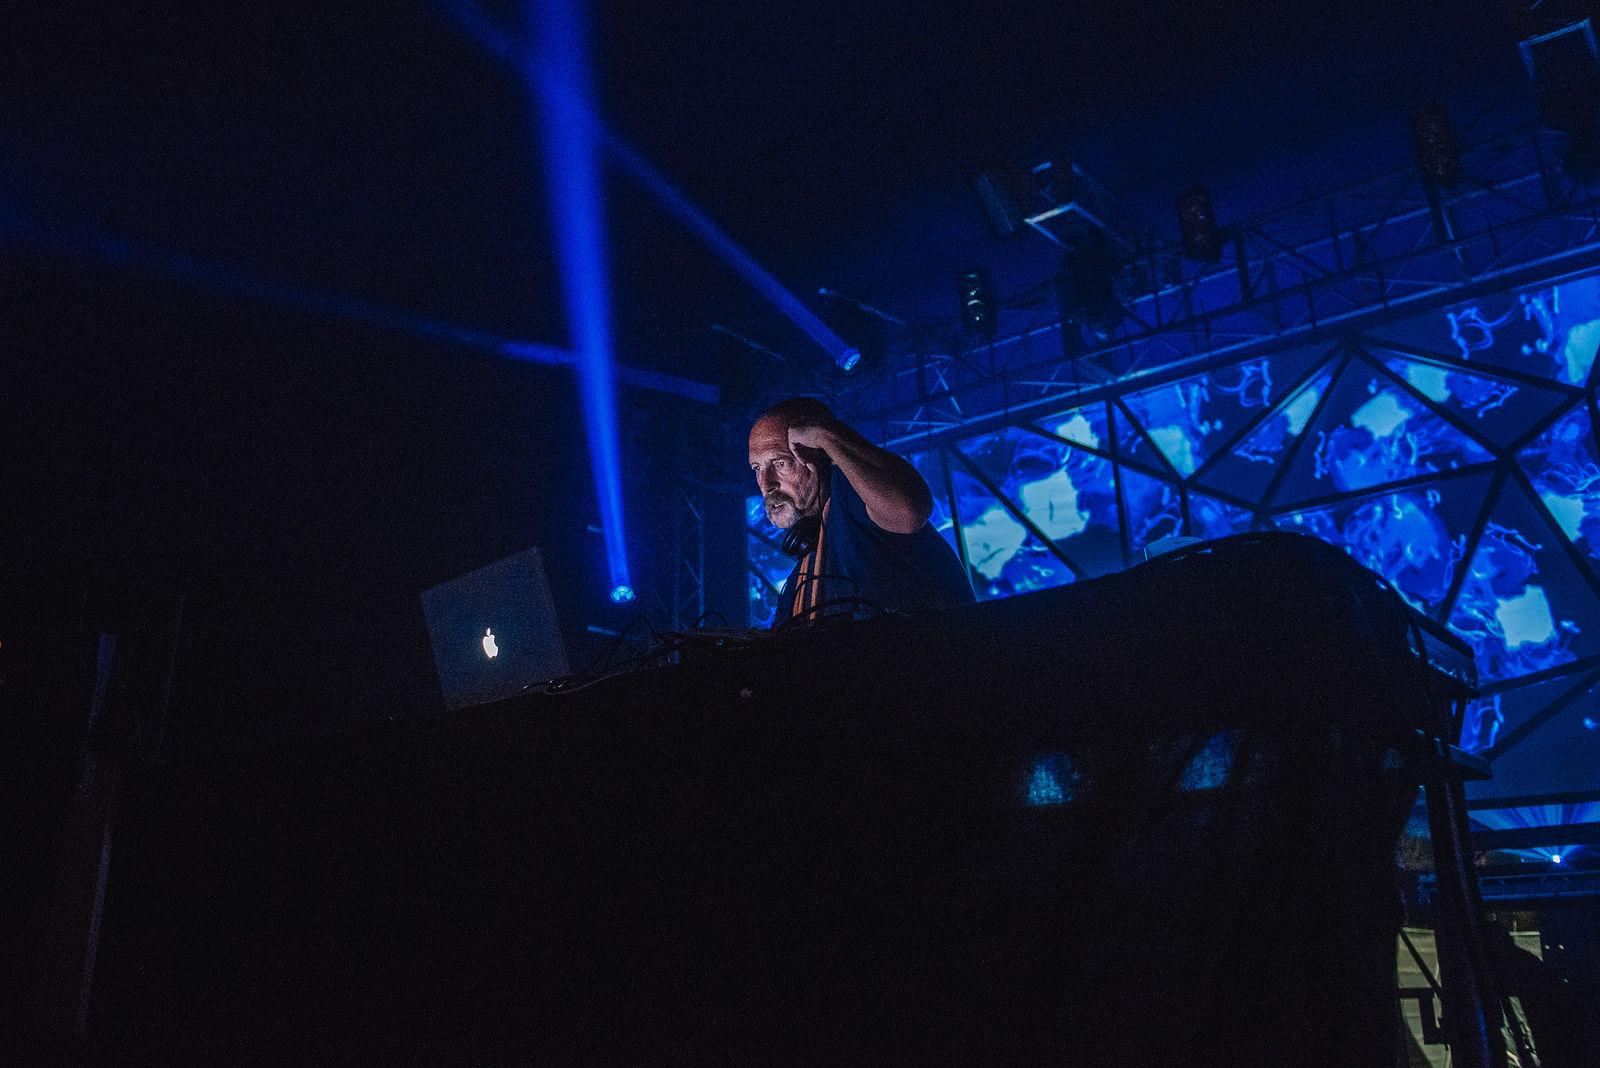 DJ Phil Hartnoll